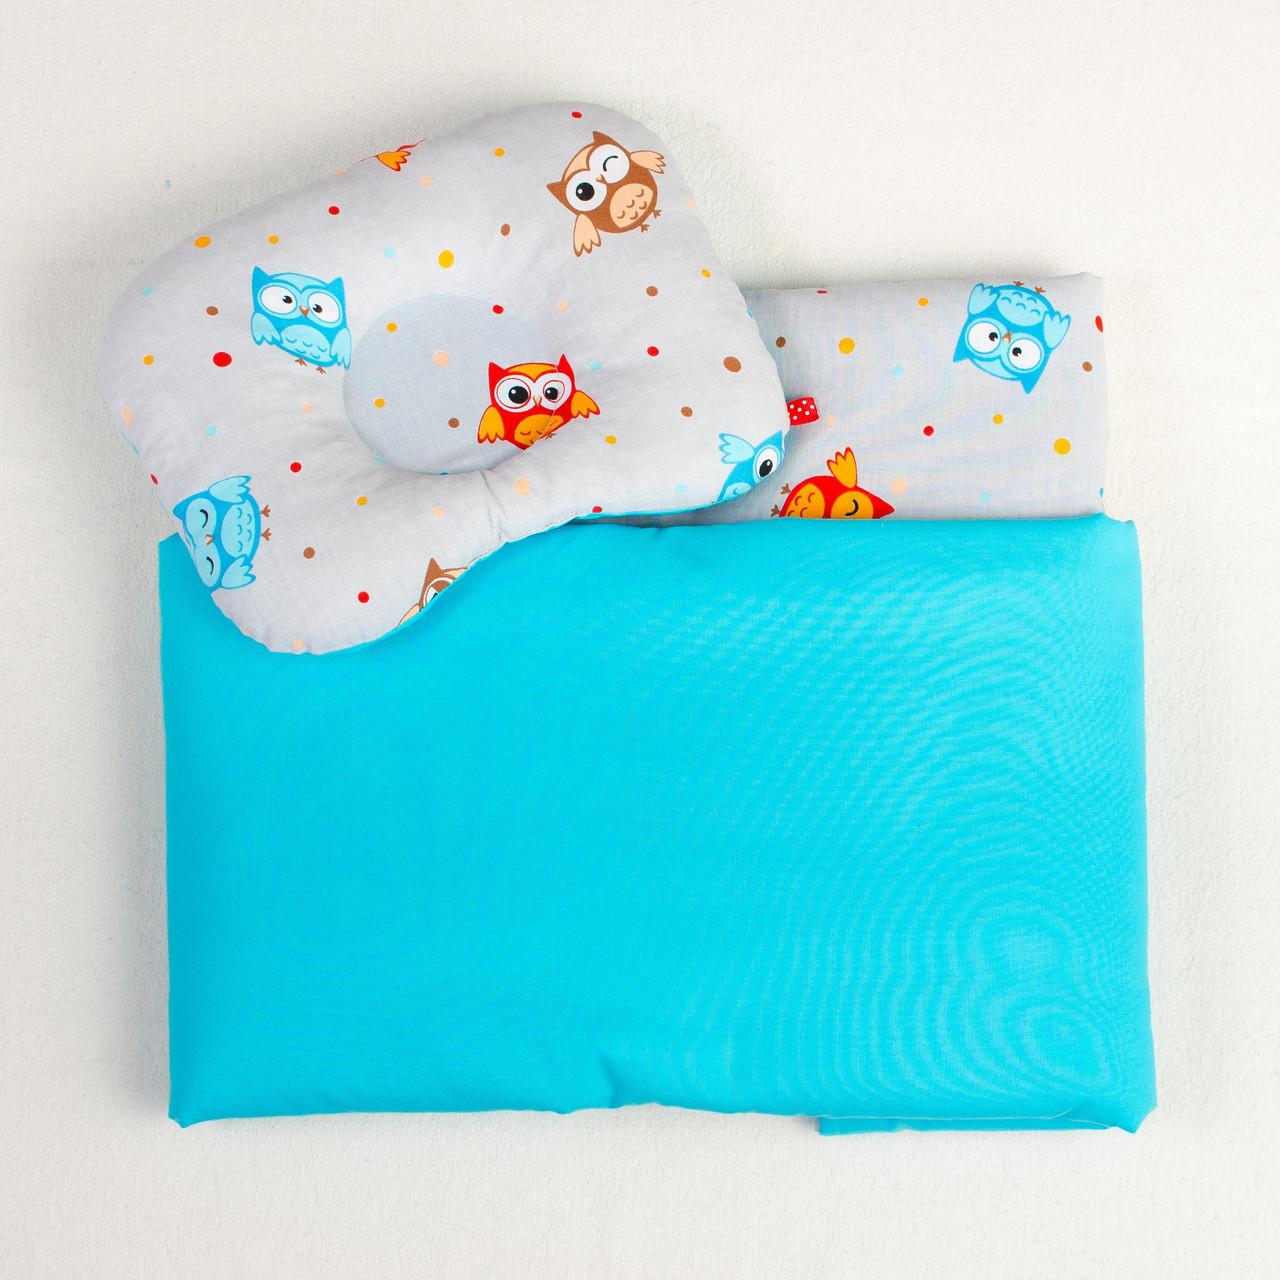 Плед - одеяло 65 х 75 см и  подушка 22 х 26 см  для  малышей  Совы